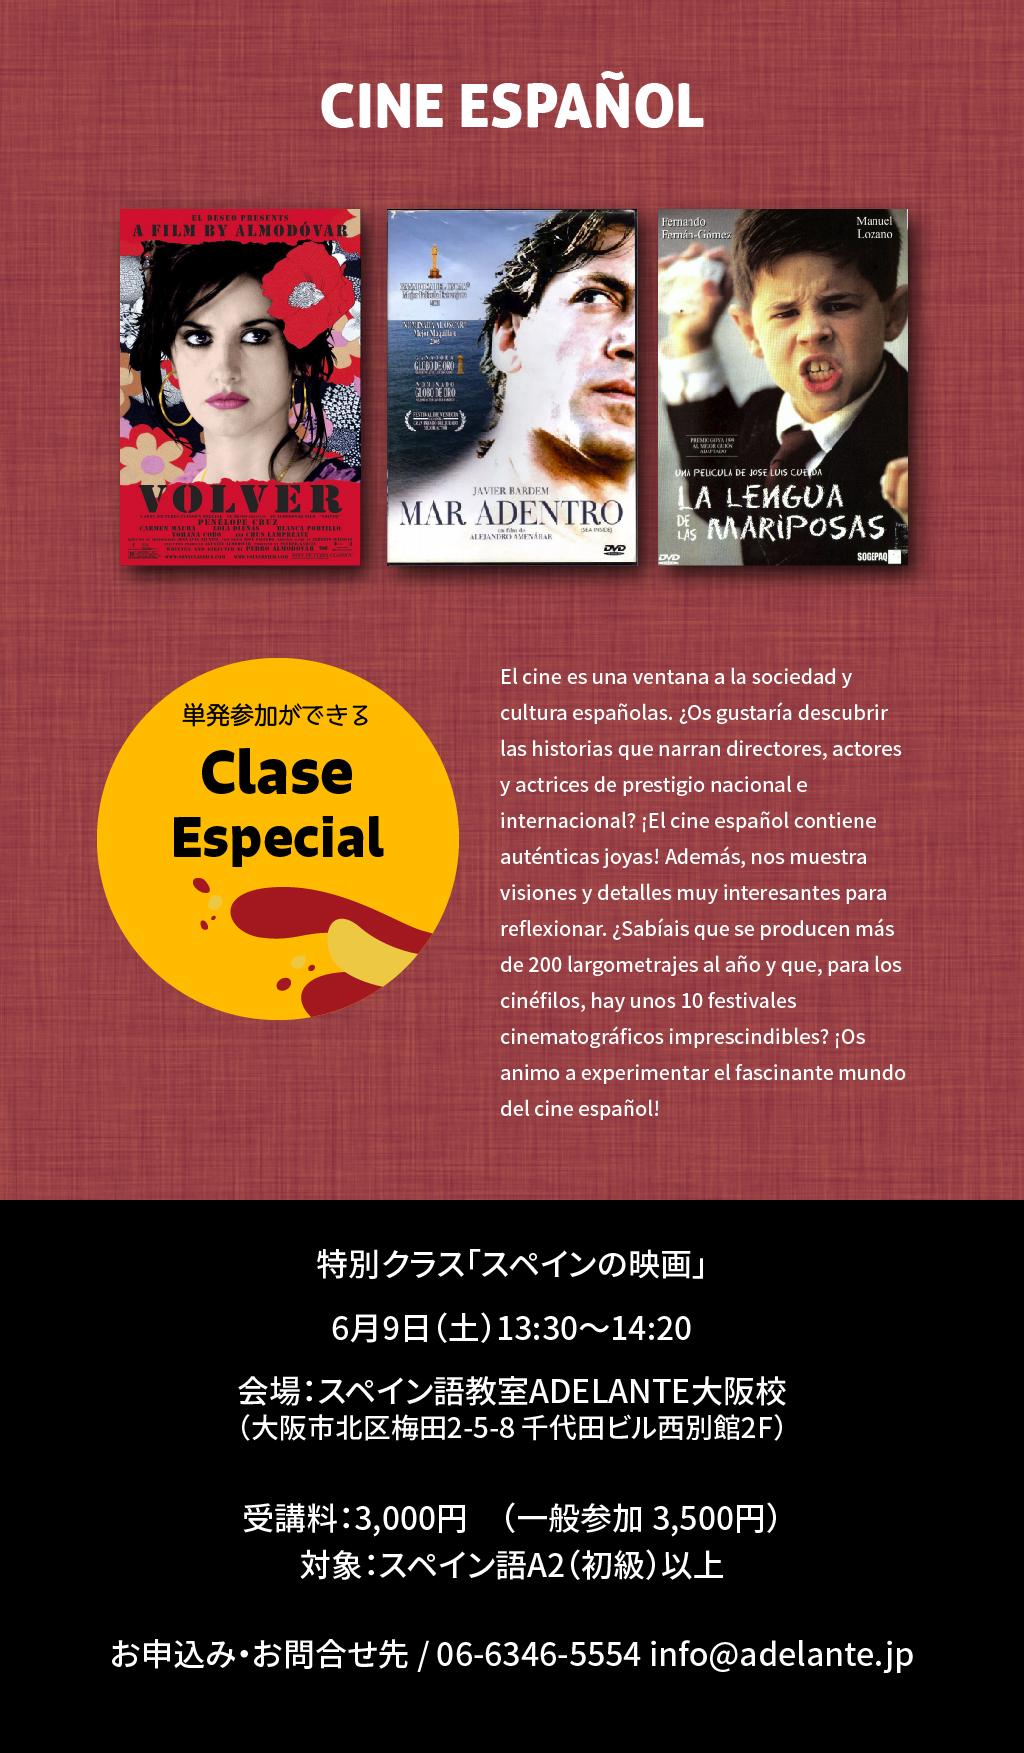 6月9日(土): 文化講座『スペインの映画』